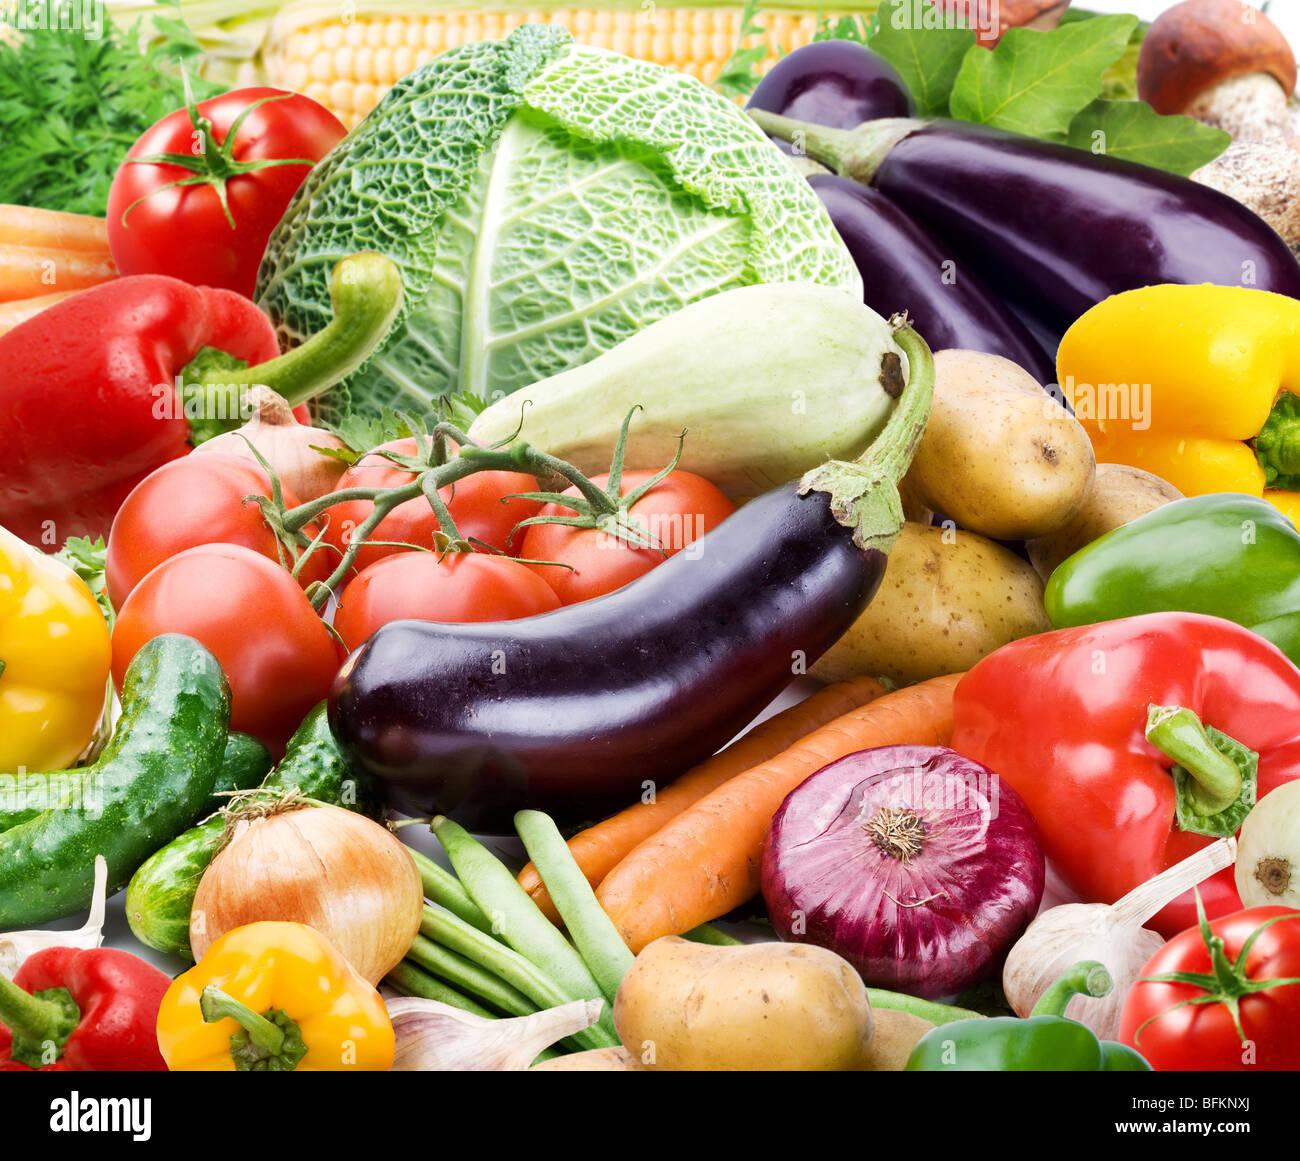 Bunten heller Hintergrund besteht aus verschiedenen Gemüsen Stockbild